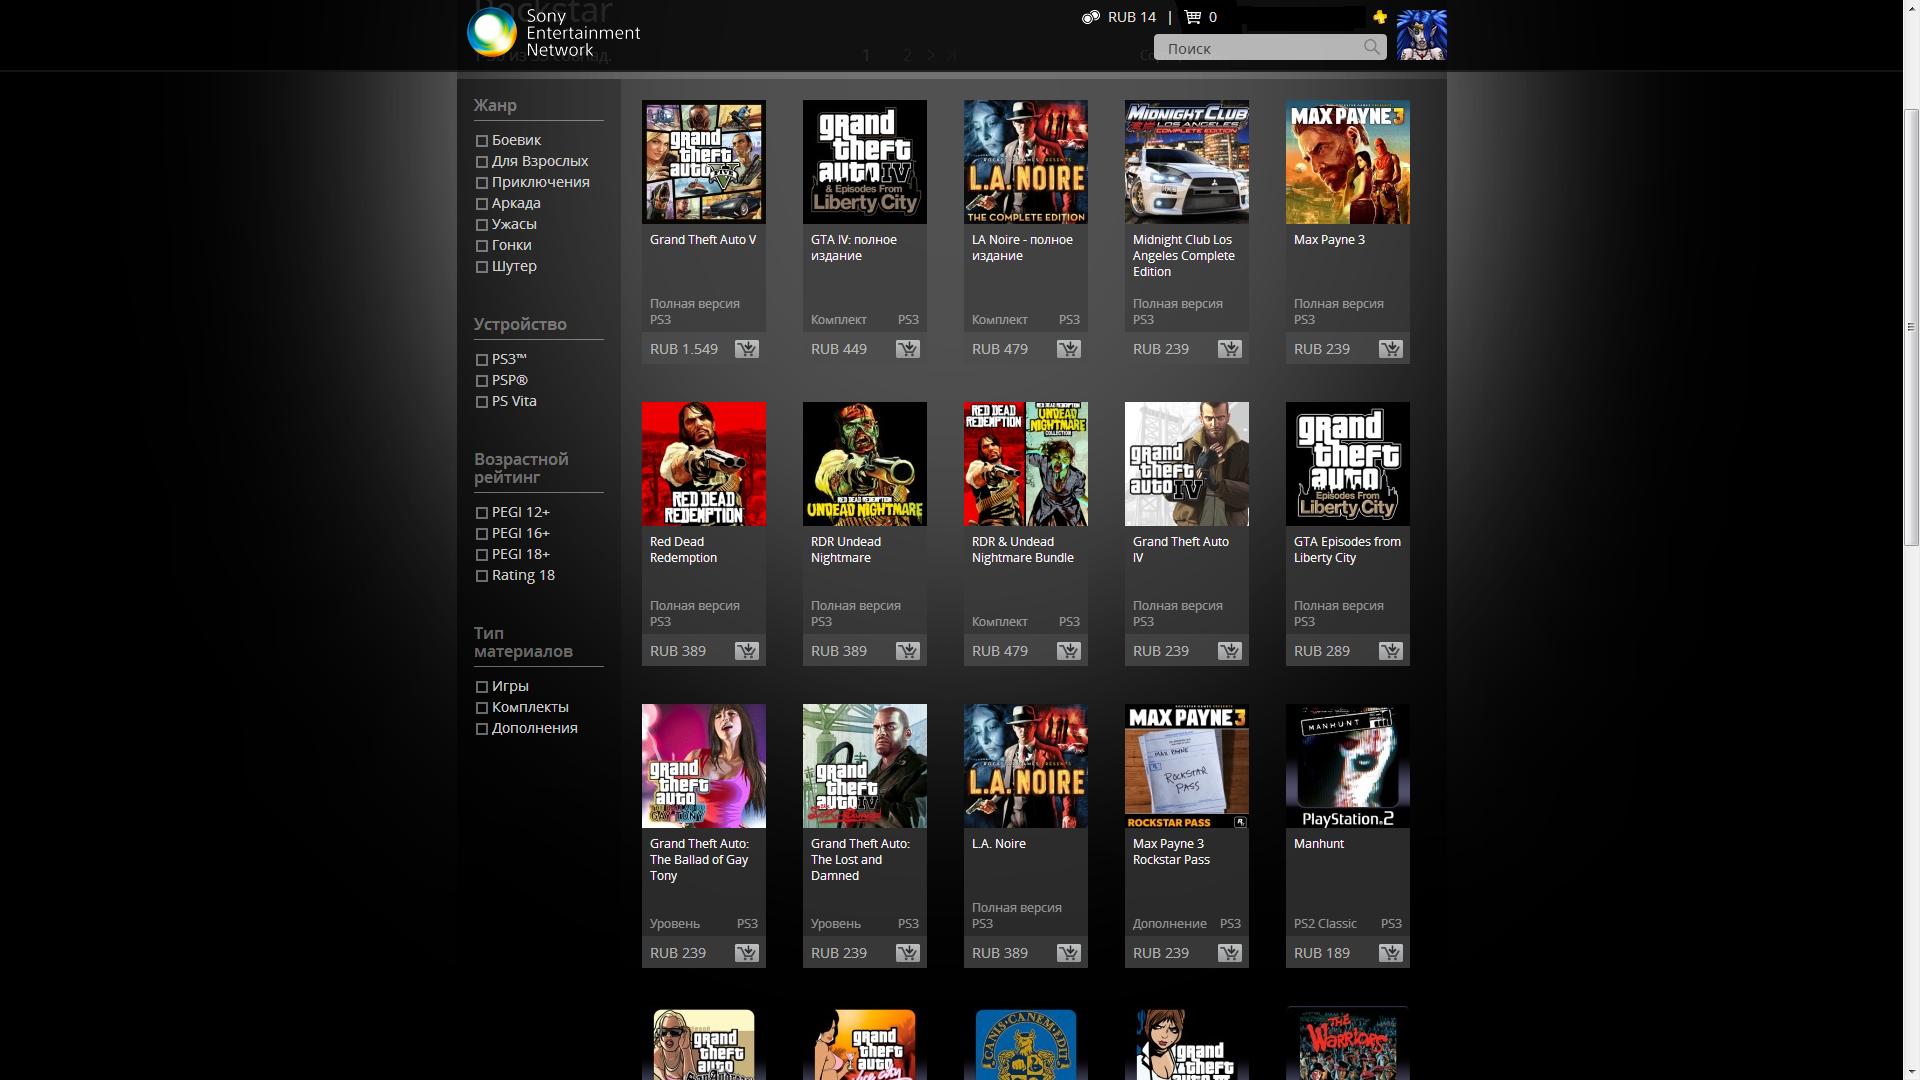 В PSN/SEN началась распродажа игр от Rockstar. Абсолютно все игры, включая прошлогоднюю GTA V . - Изображение 1